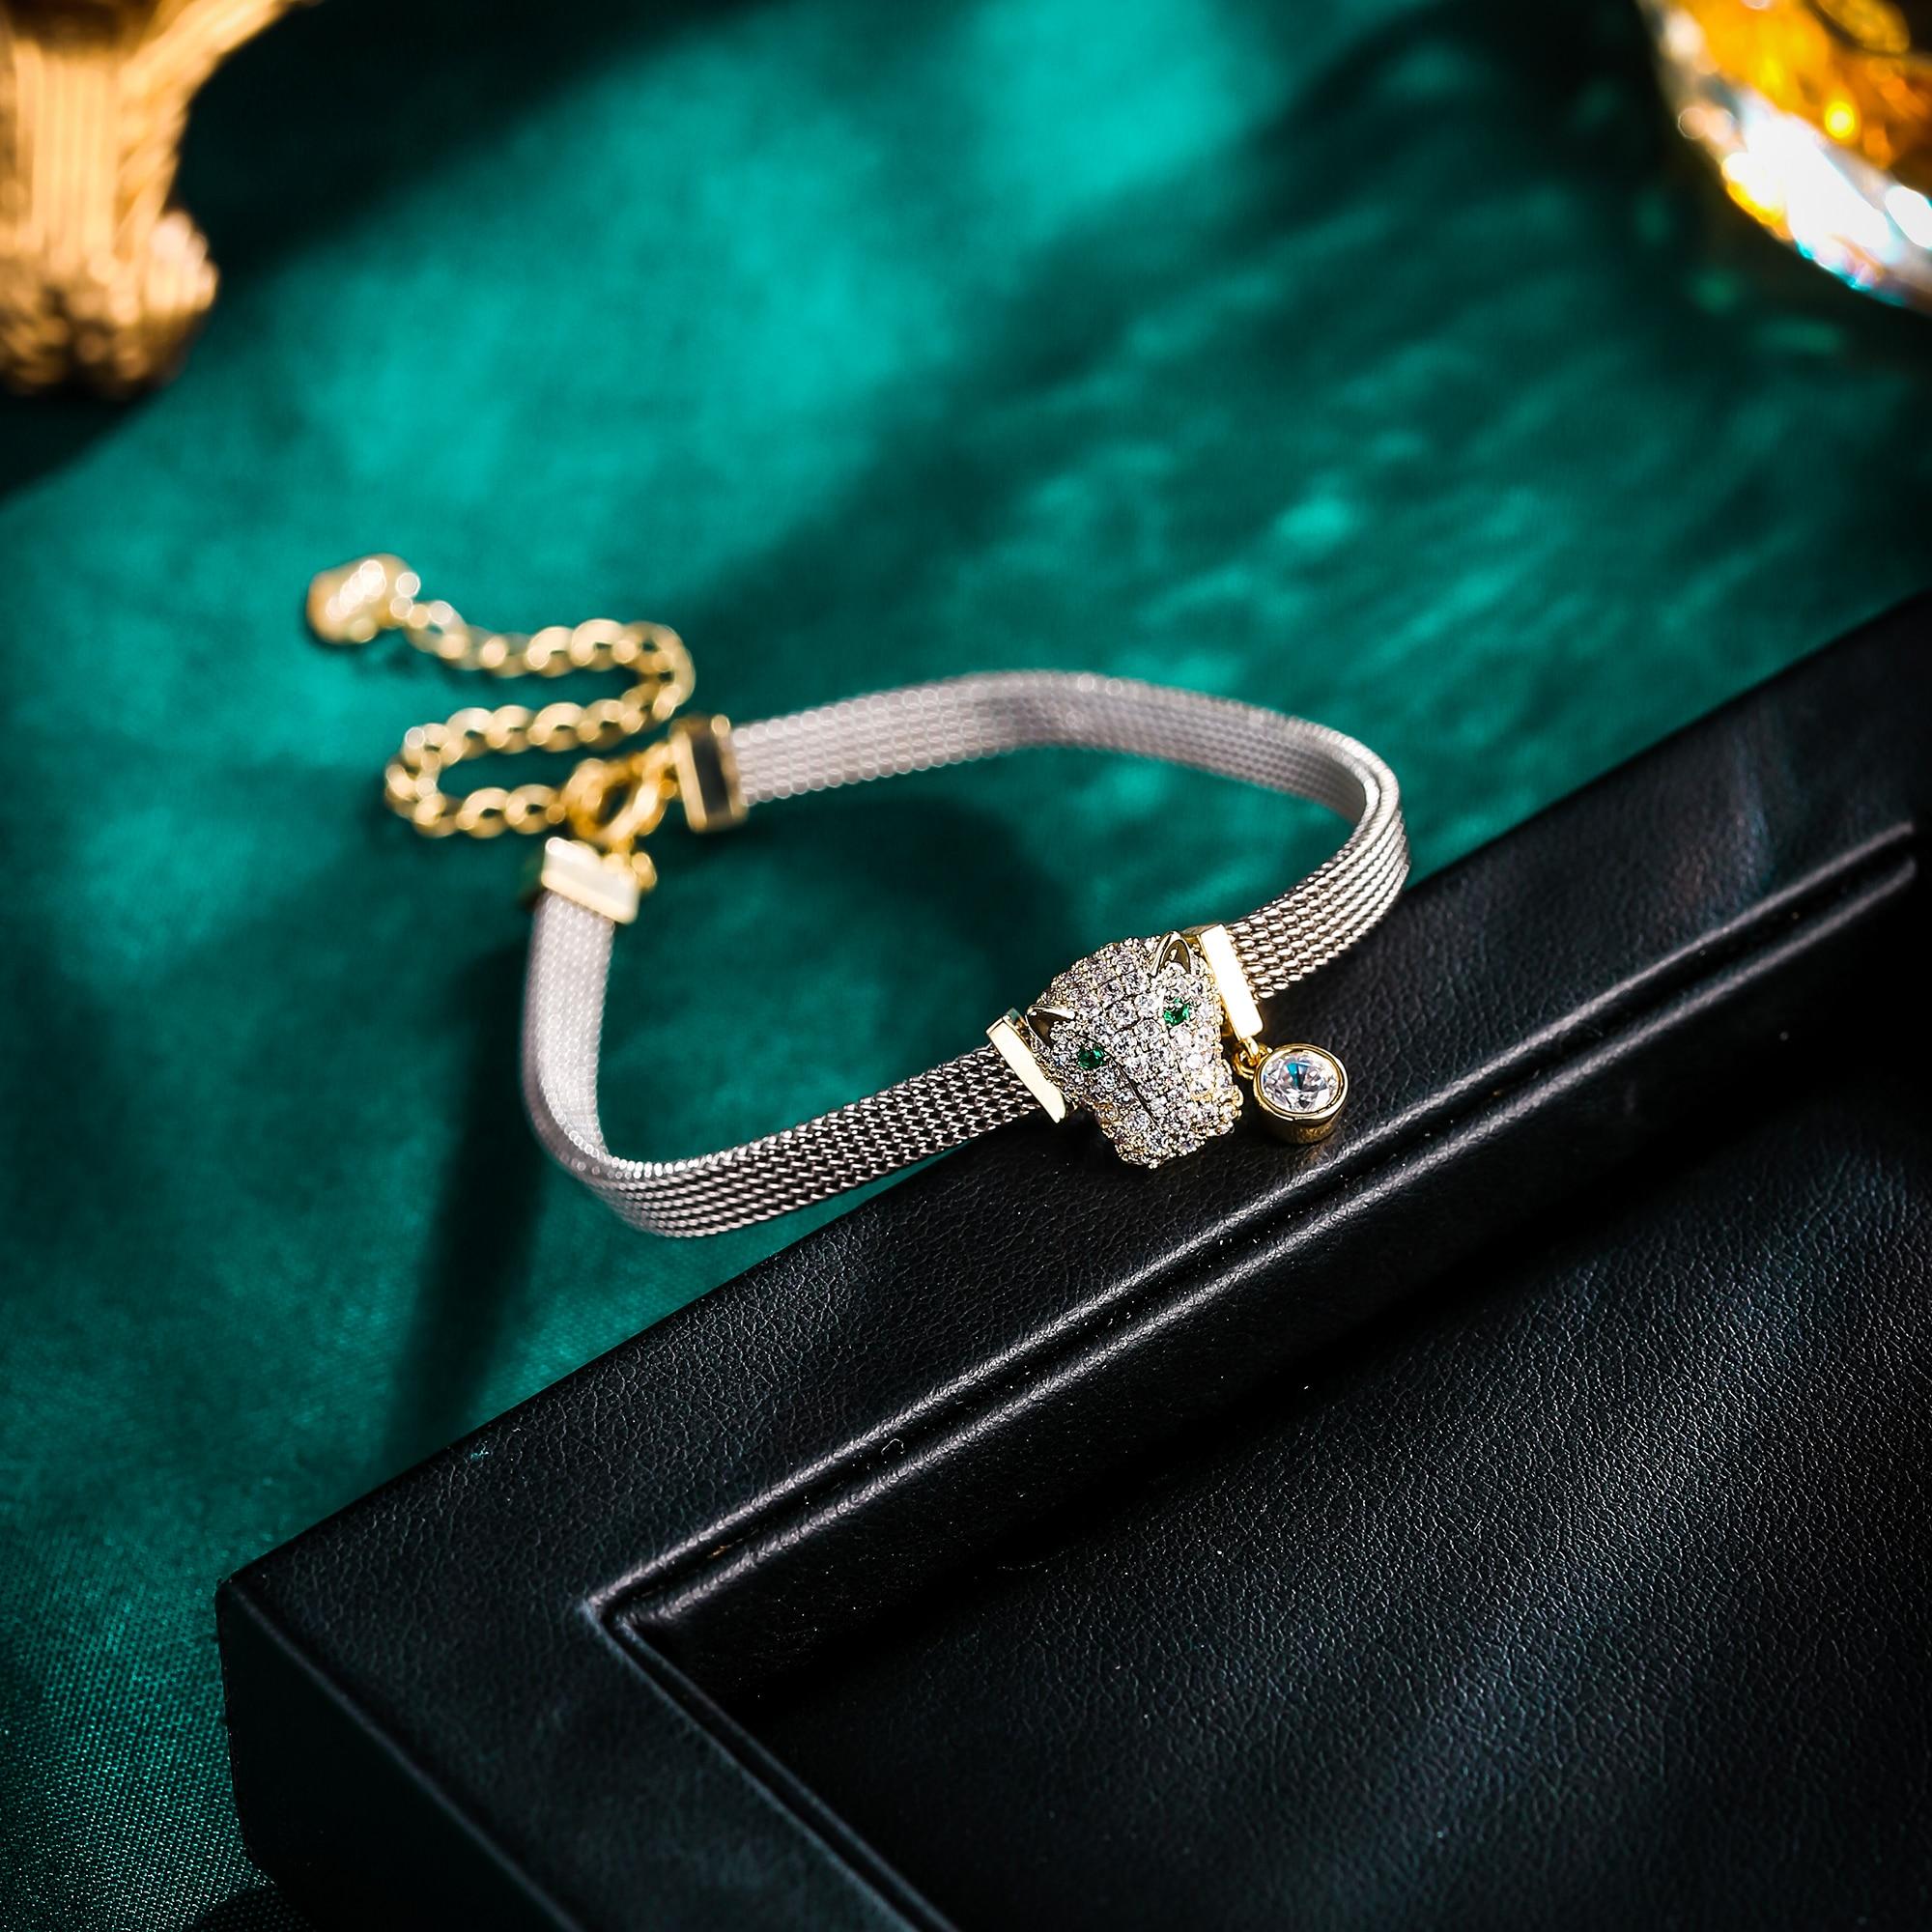 Nouveau panthère léopard Bracelet pour femmes Animal chaîne breloque Bracelet cuivre Zircon Femme fête bijoux cadeau Pulseira Feminina